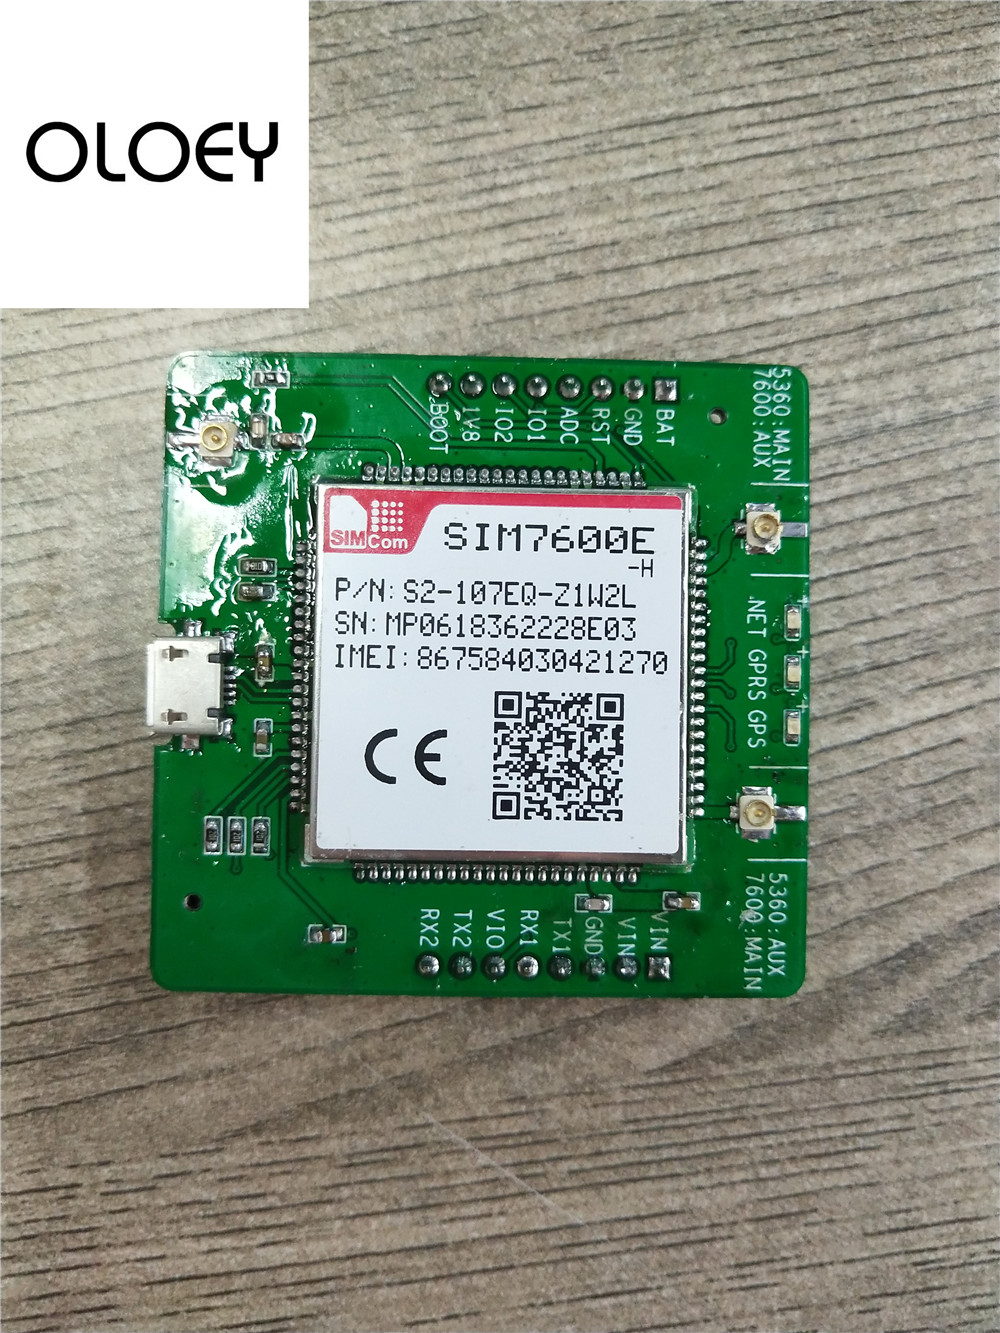 SIM7600E-H LTE Extended Boards, SIM7600E-H LTE KIT, USB TTL UART Interface